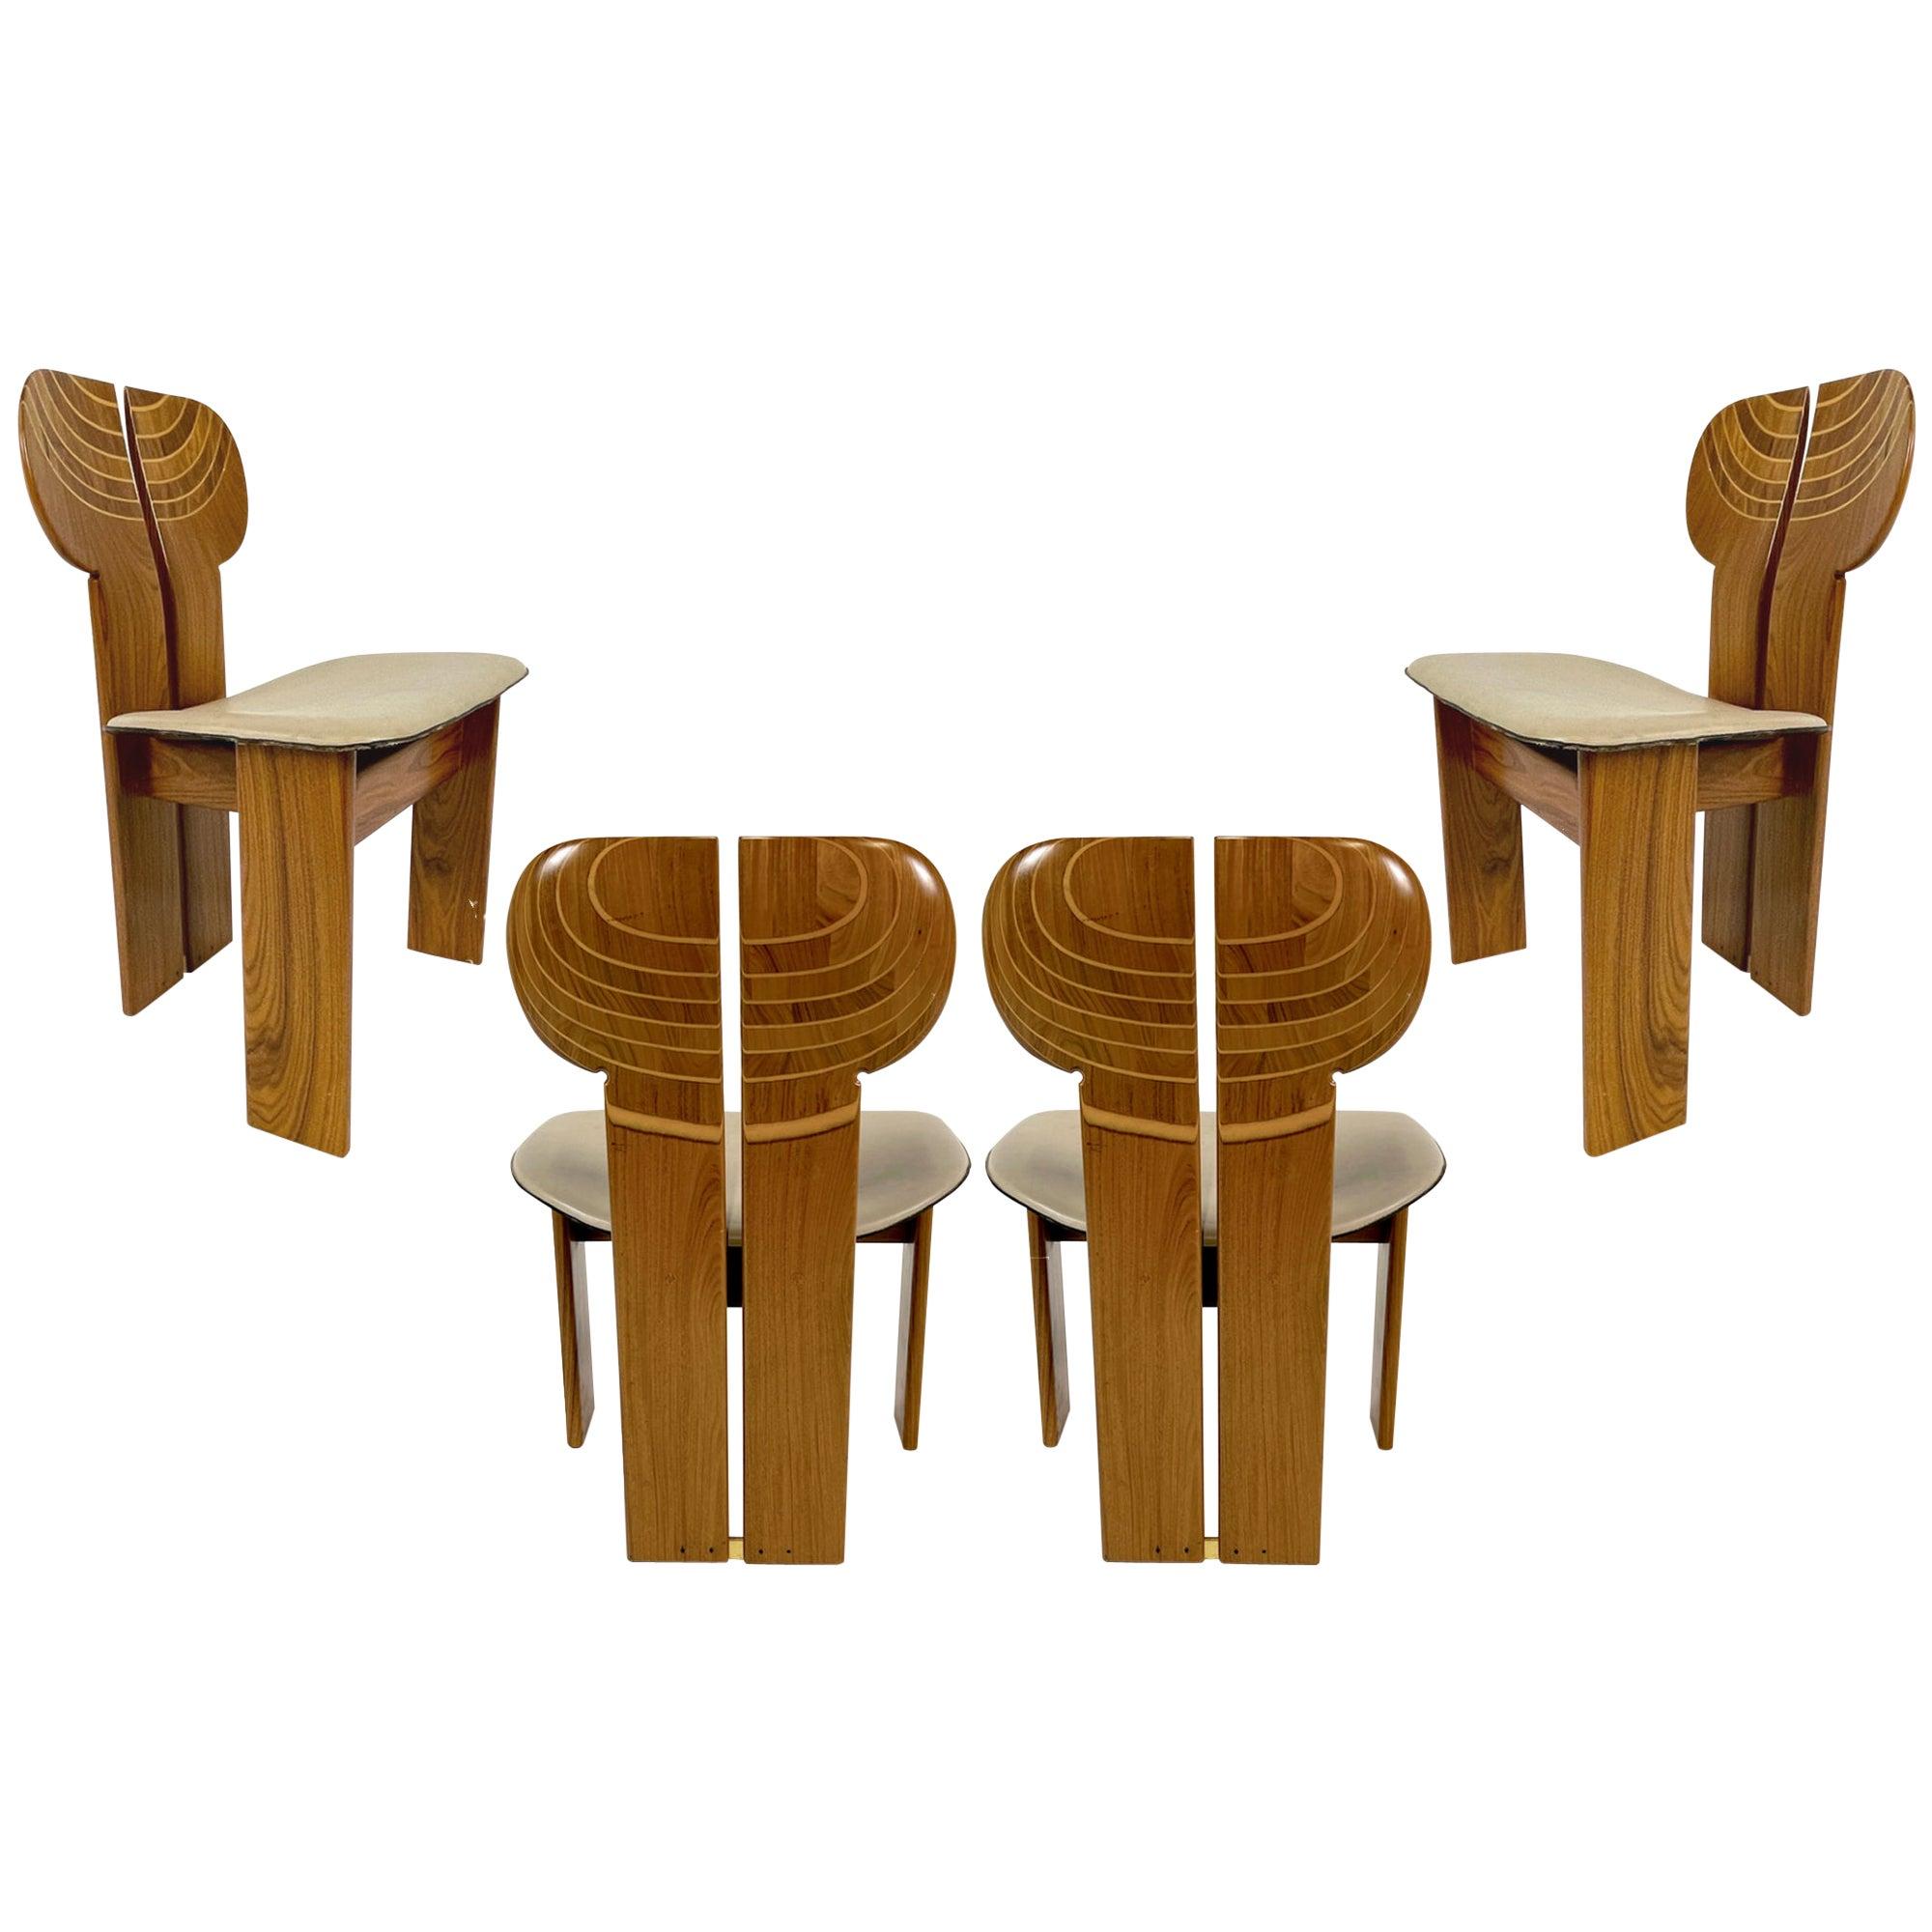 Afra & Tobia Scarpa Artona Series 'Africa' Chairs Produced, Maxalto 4 Available